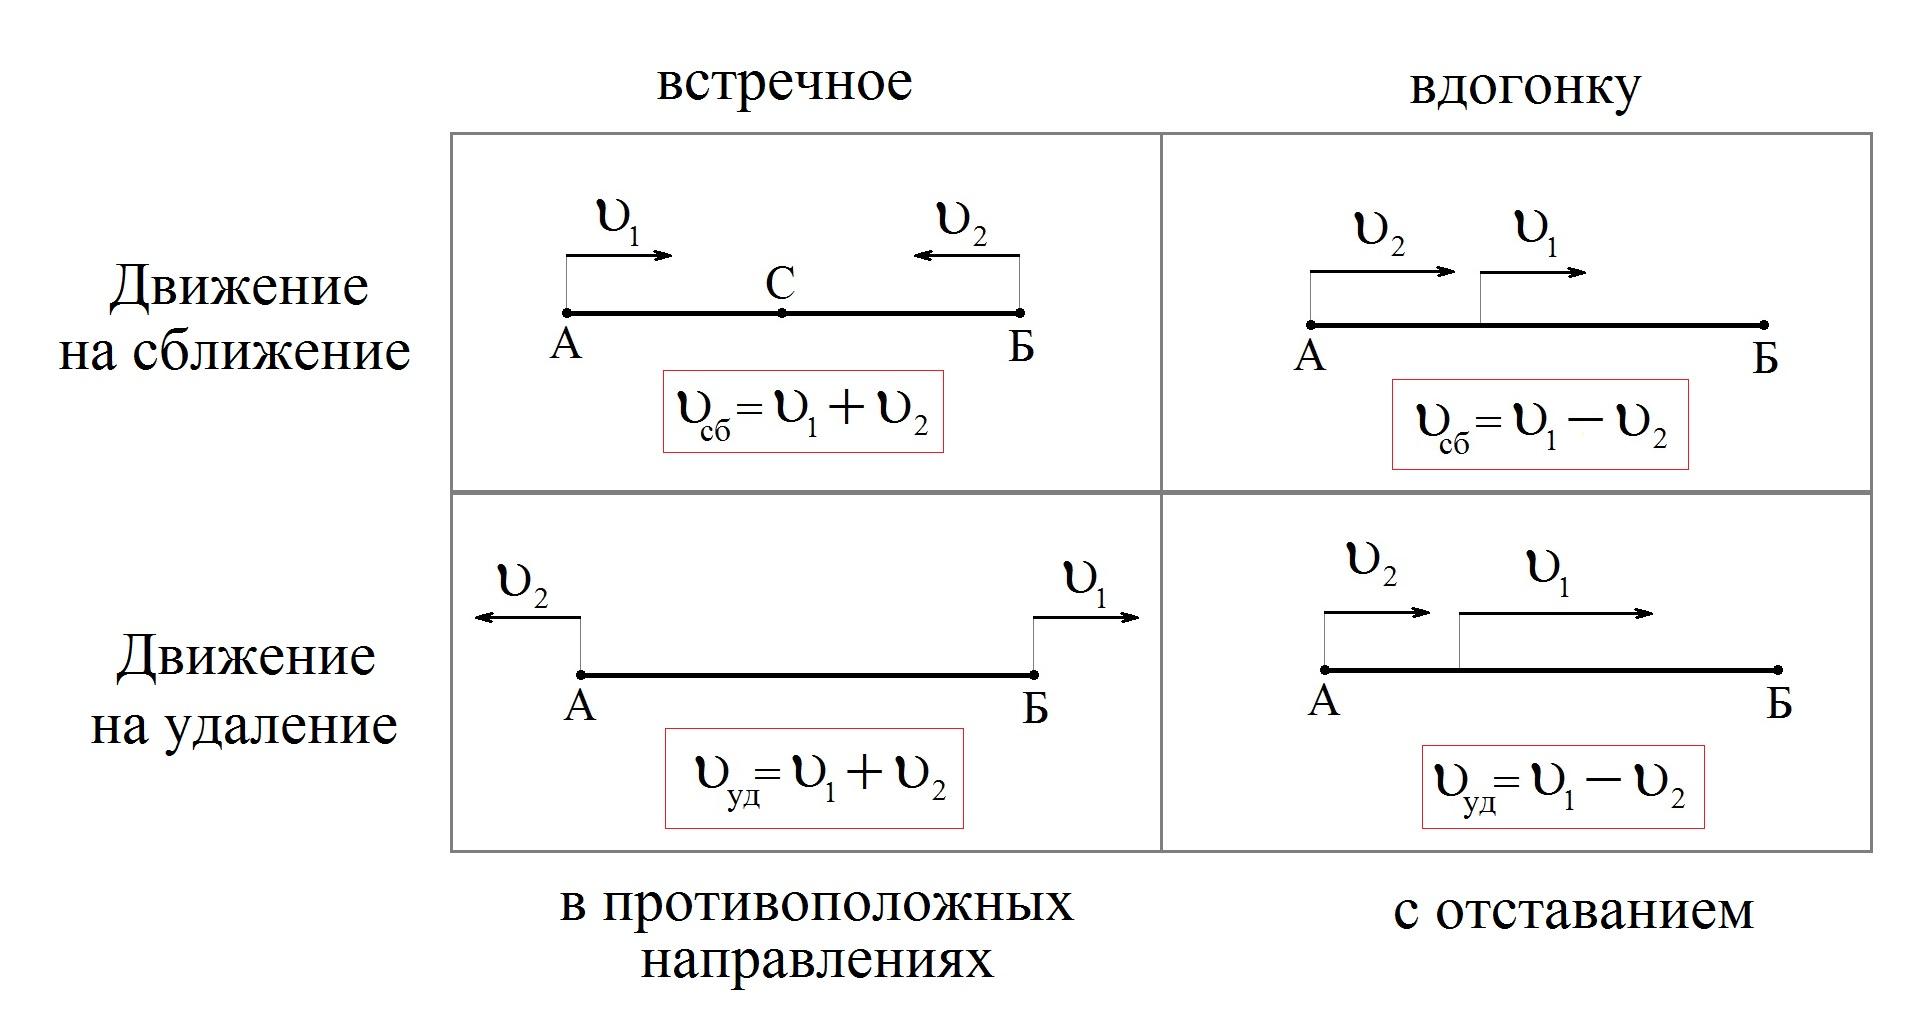 Задачи на скорость условие и решение решение задач по высшей математике по сборнику